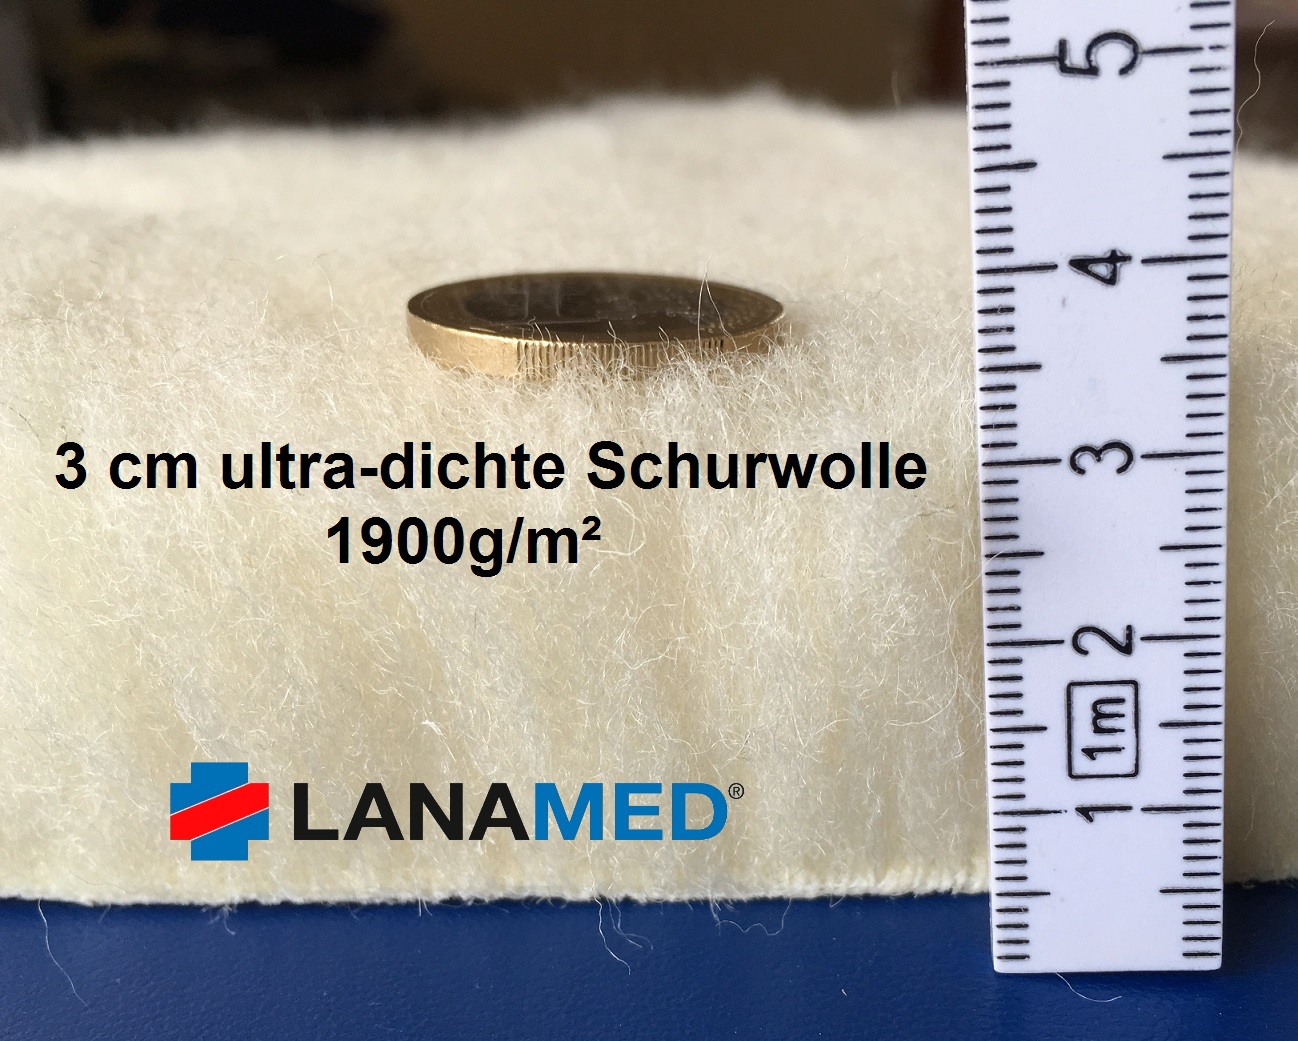 Lanamed Matratzenauflage aus ultradichter Schurwolle